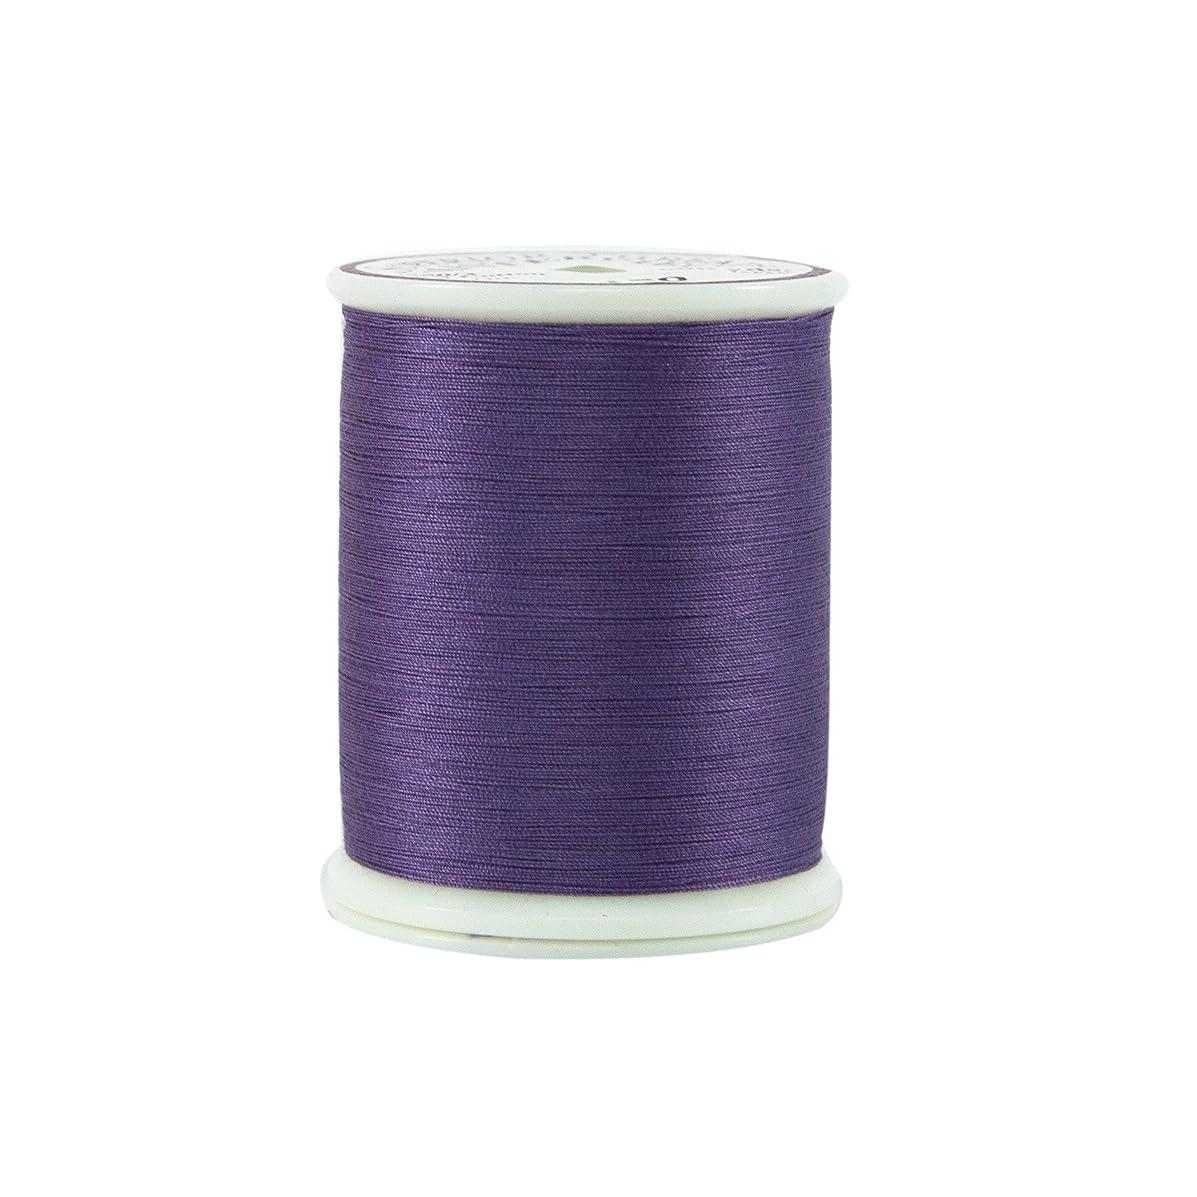 Superior Threads 12401-150 Masterpiece Grapevine 50W Cotton Thread, 600 yd